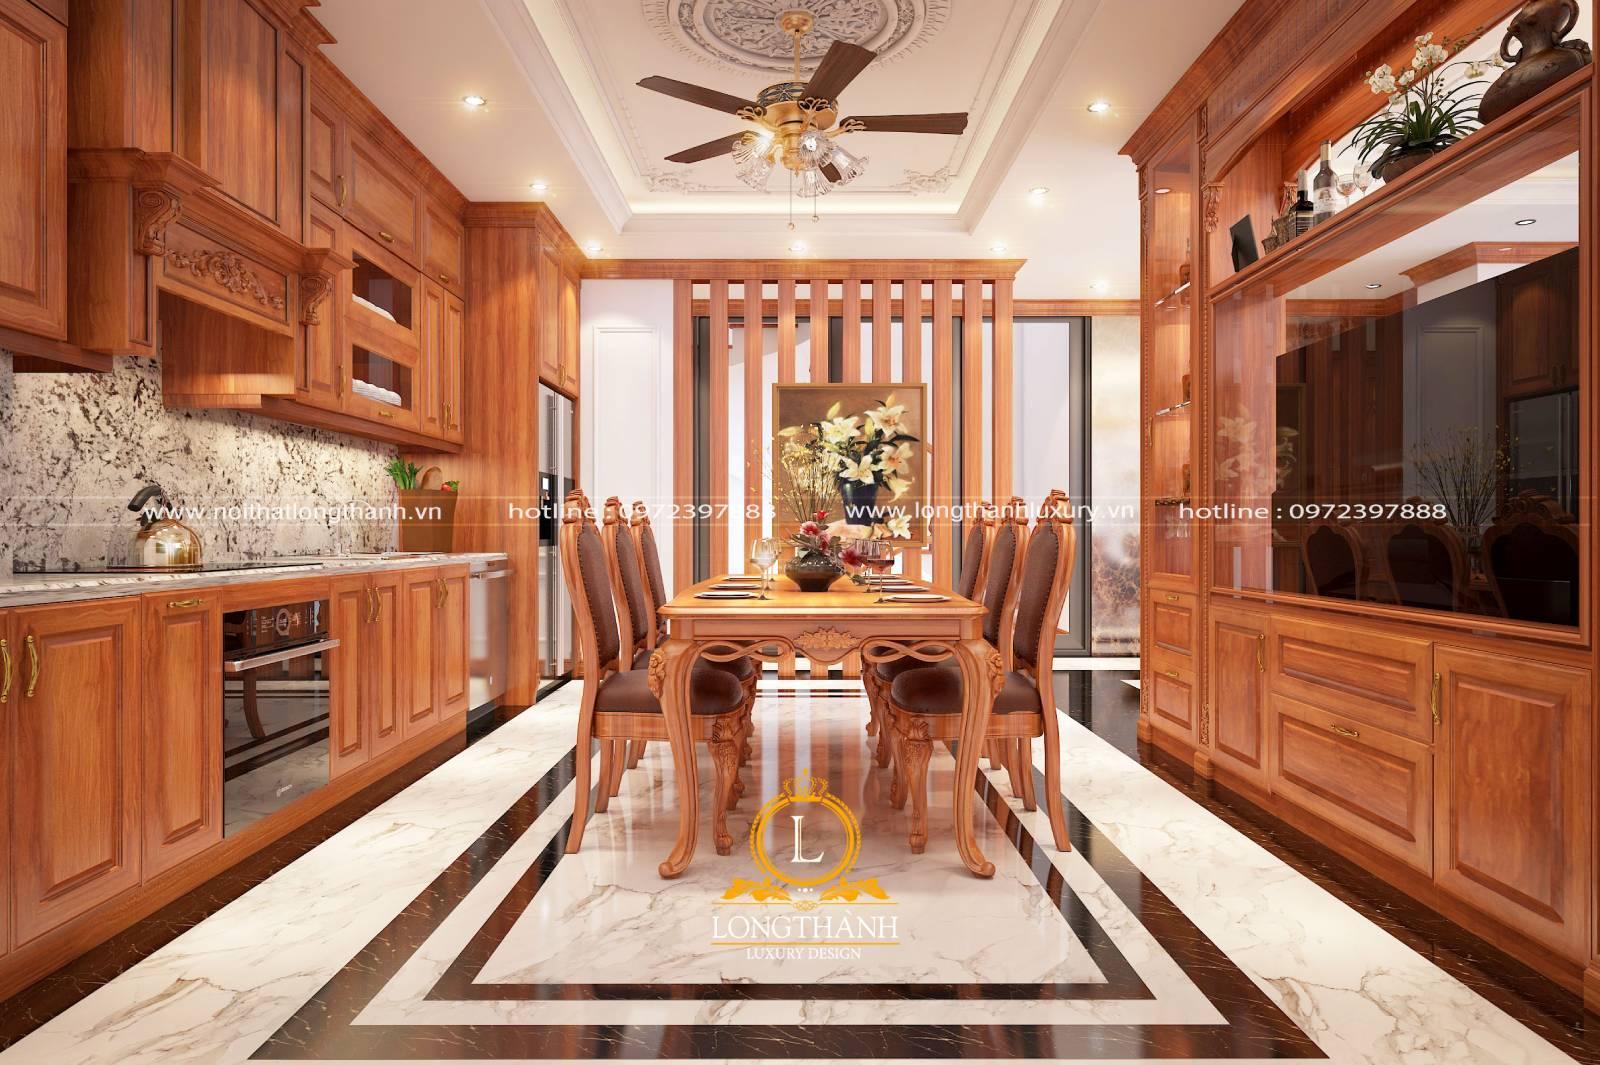 Mẫu tủ bếp gỗ Gõ chữ I sang trọng nhẹ nhàng cho nhà biệt thự